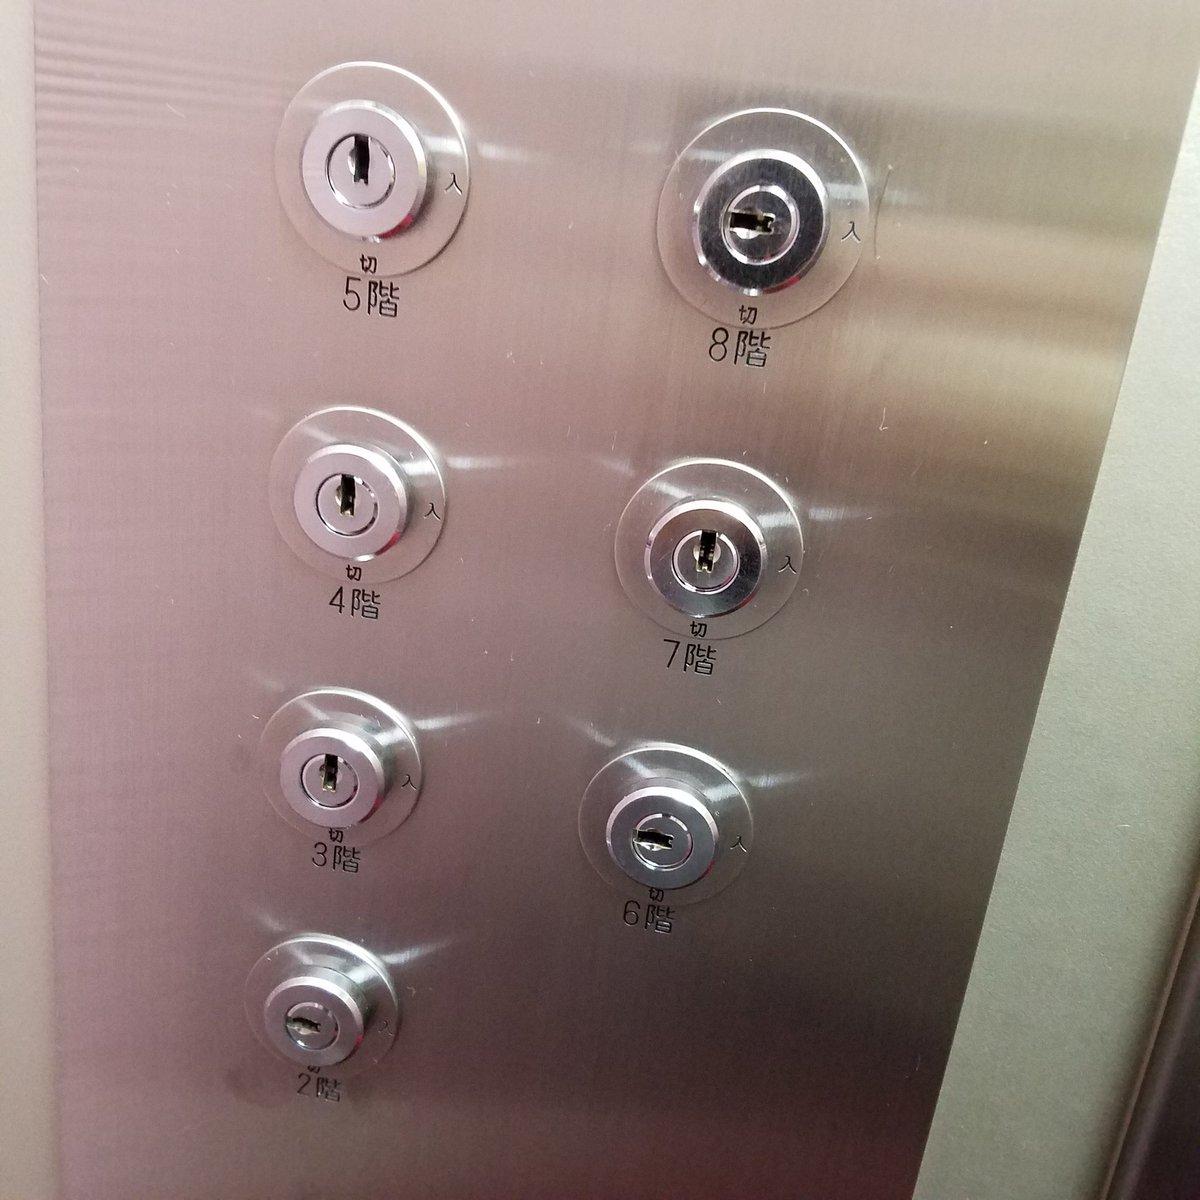 今日乗ったエレベーターの秘密結社感すごかった